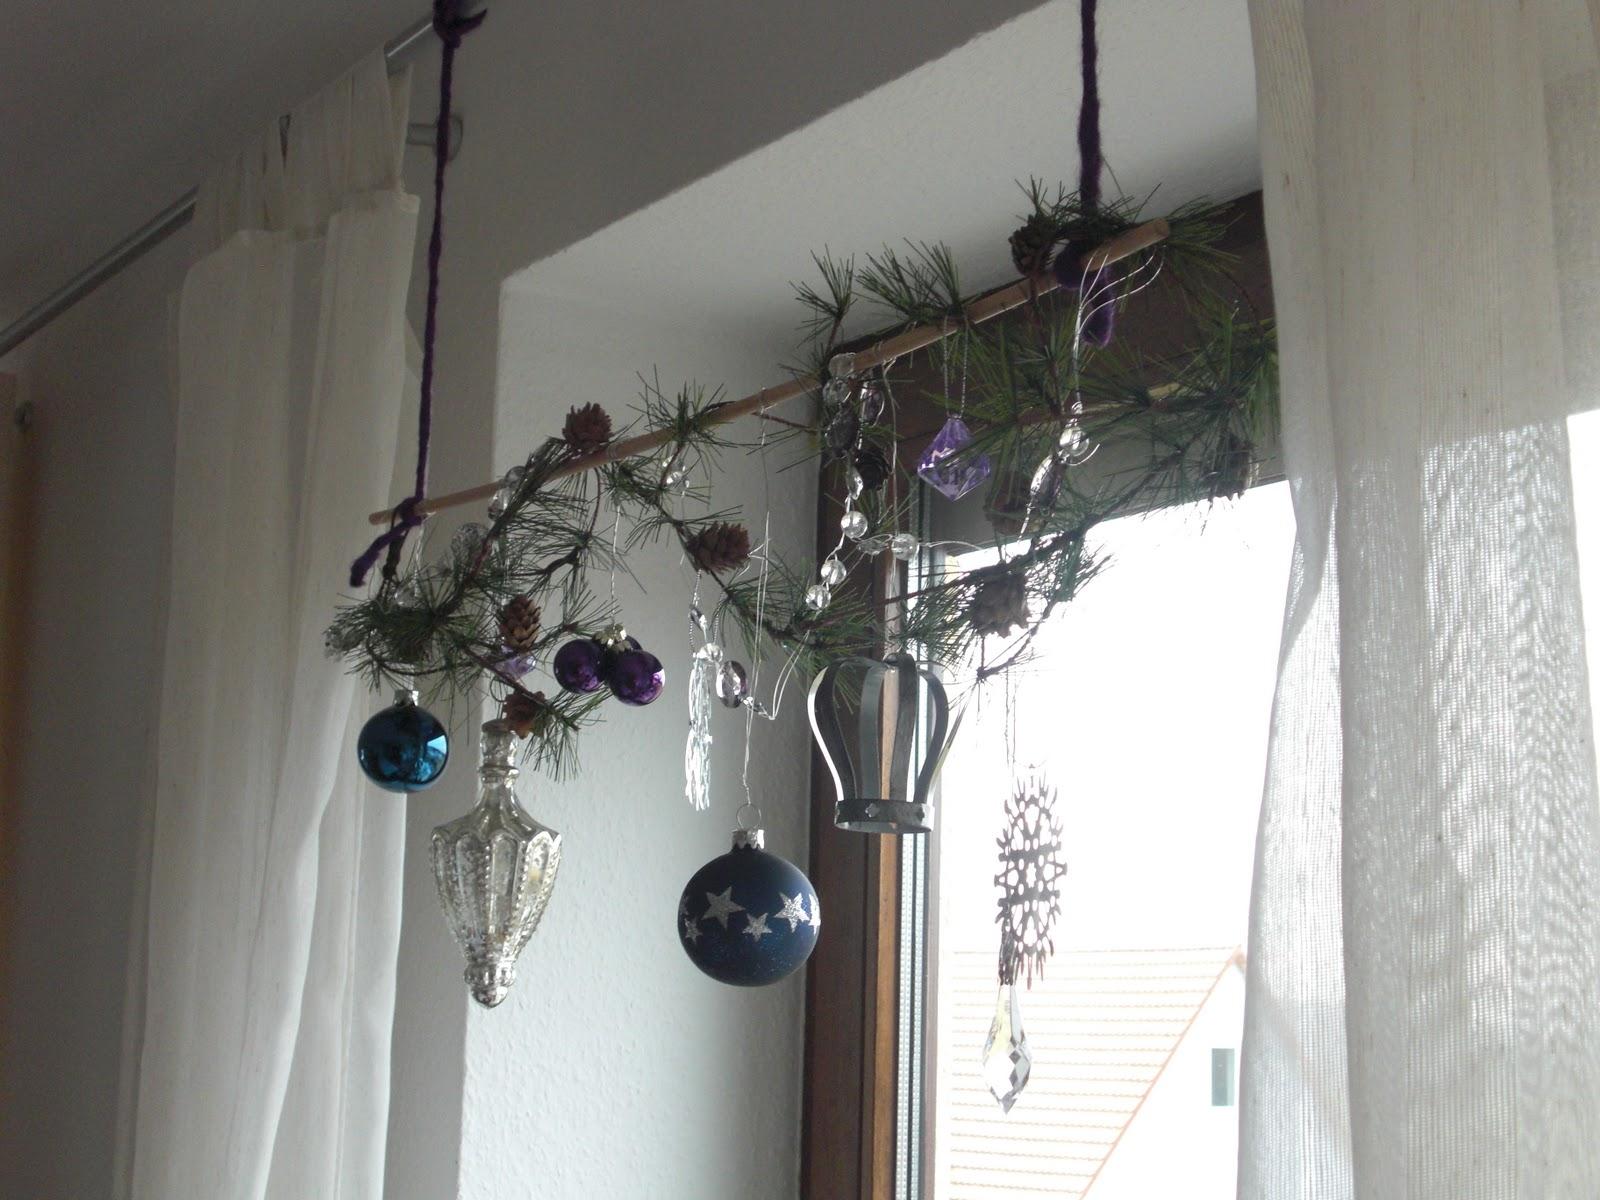 baba rajka bastelei weihnachts fensterdeko handicrafts x mas window decoration. Black Bedroom Furniture Sets. Home Design Ideas